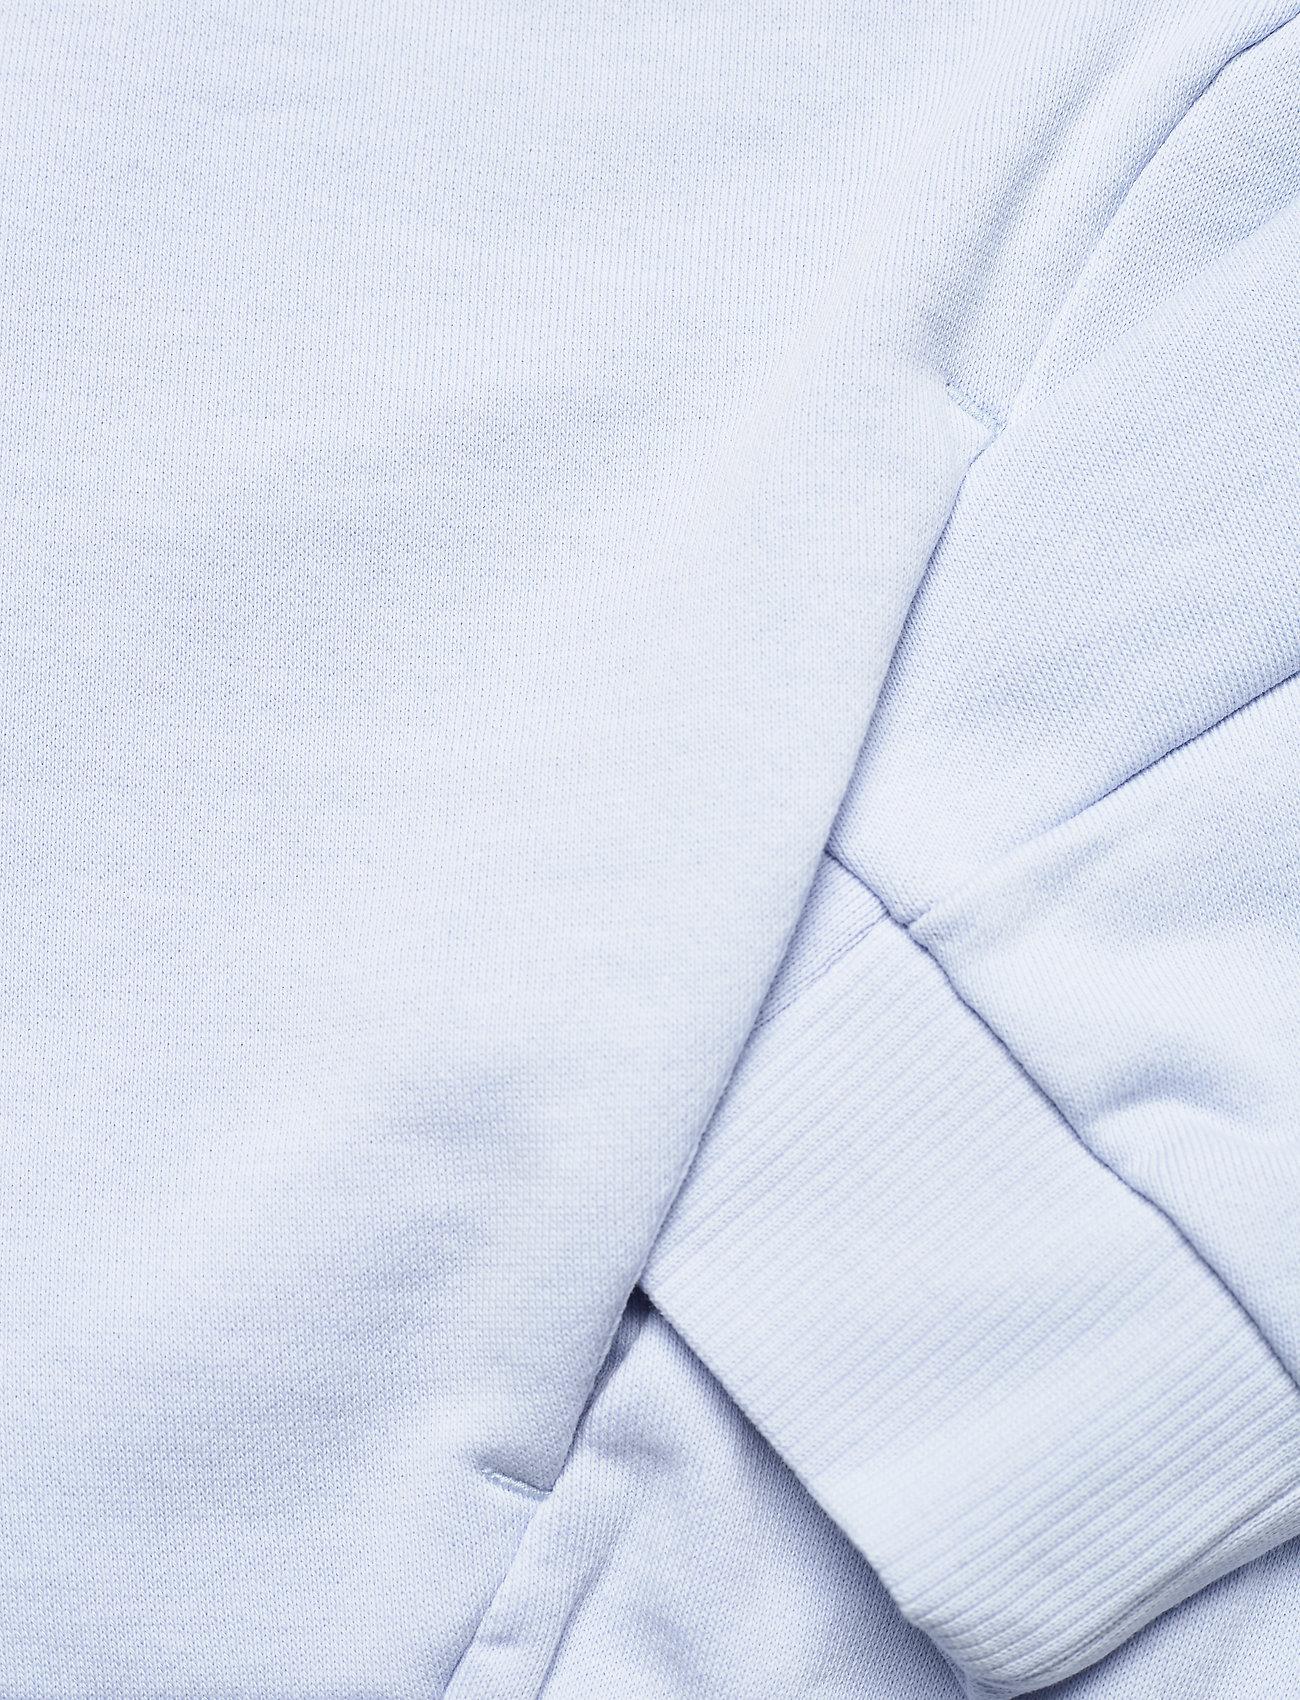 Max Mara Leisure - FRINE - sweatshirts & hoodies - light blue - 3